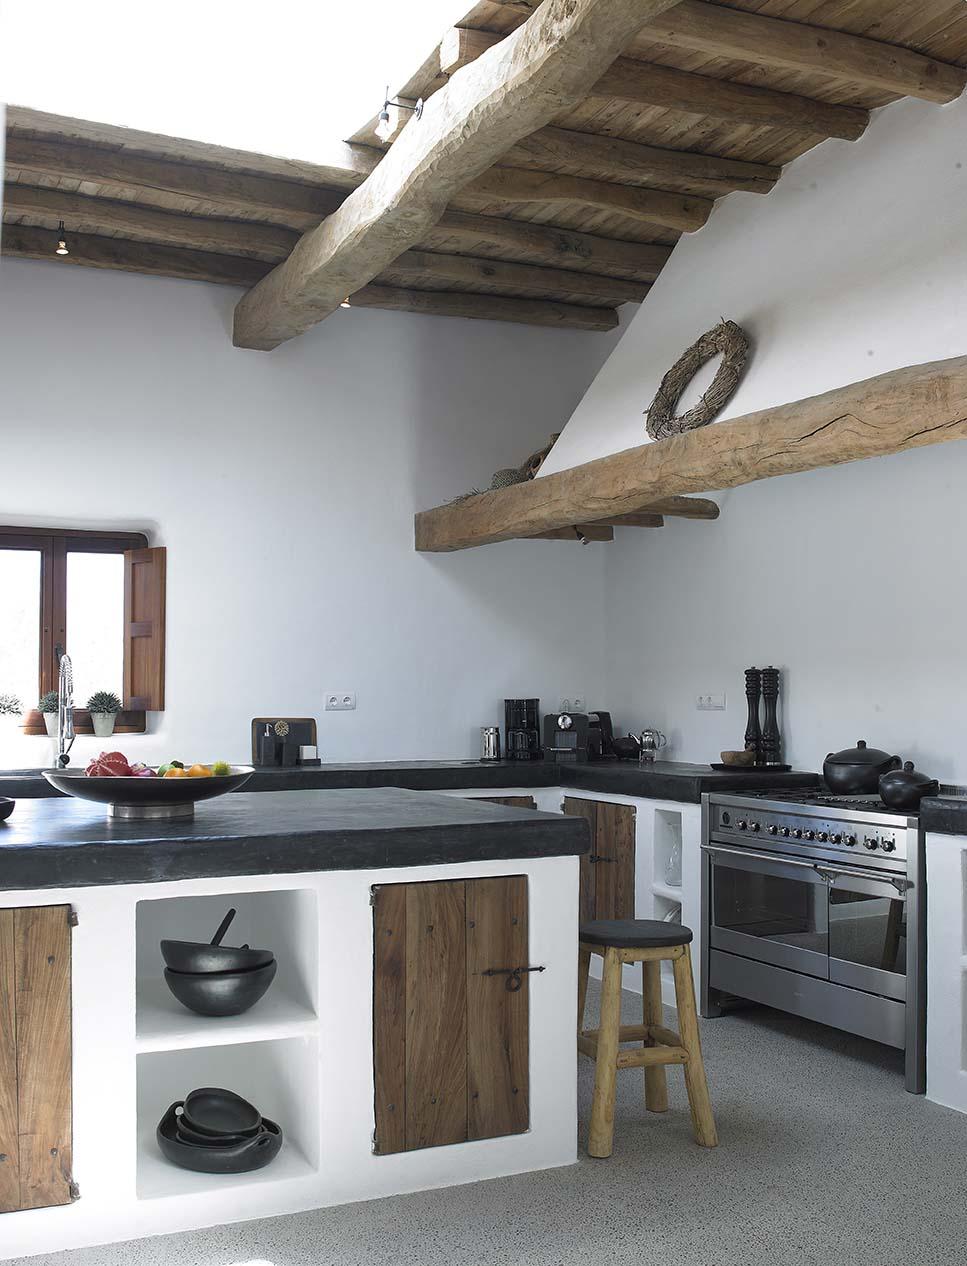 Idee Per Cucine In Muratura.Cucina In Muratura 70 Idee Per Cucine Moderne Rustiche Country